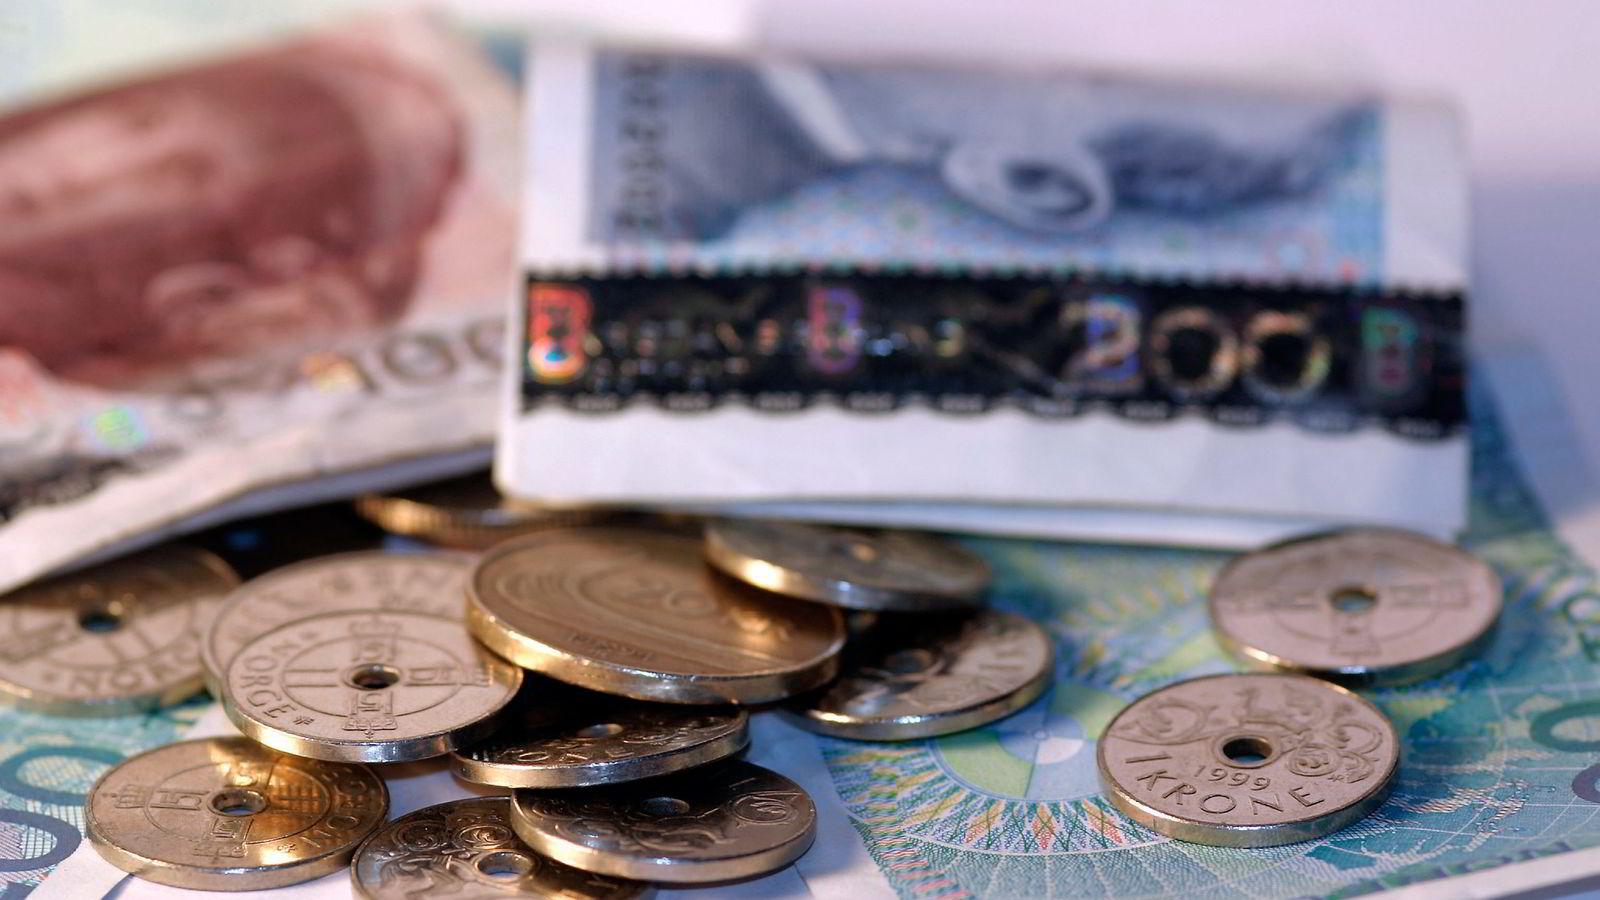 Nordmenn skylder omtrent 10 milliarder kroner til staten.